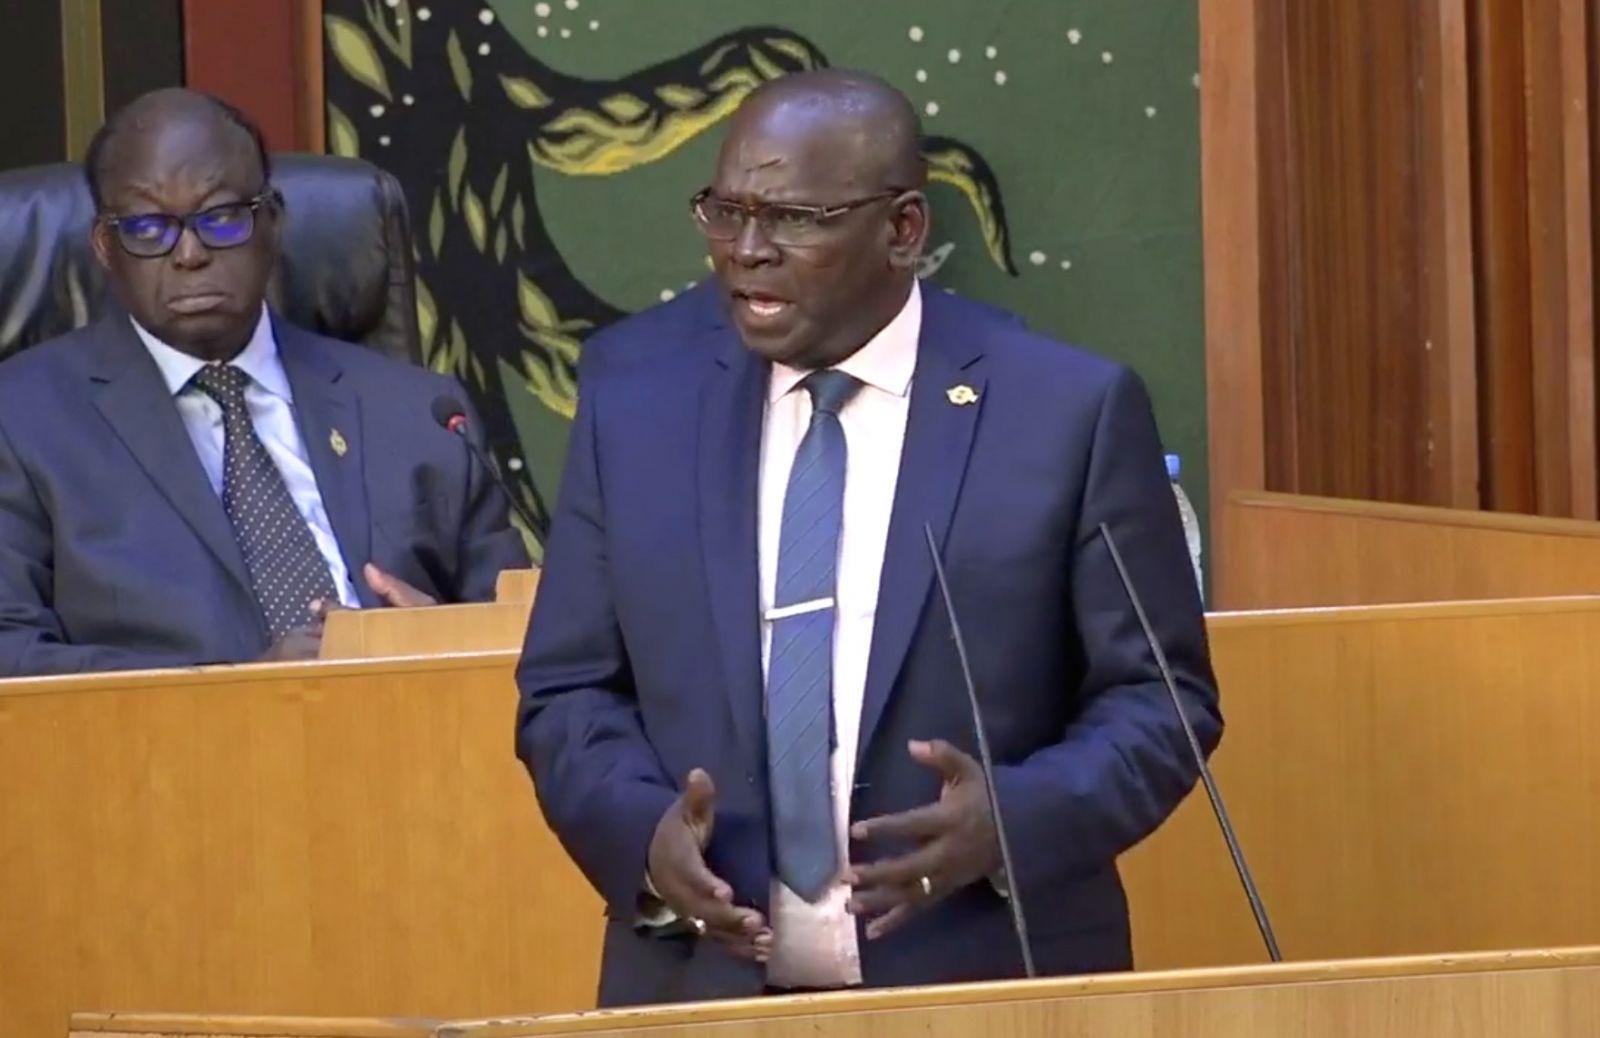 Trafic de passeports diplomatiques: aucun texte n'empêche à la police de convoquer les députés cités, affirme Aymérou Gningue